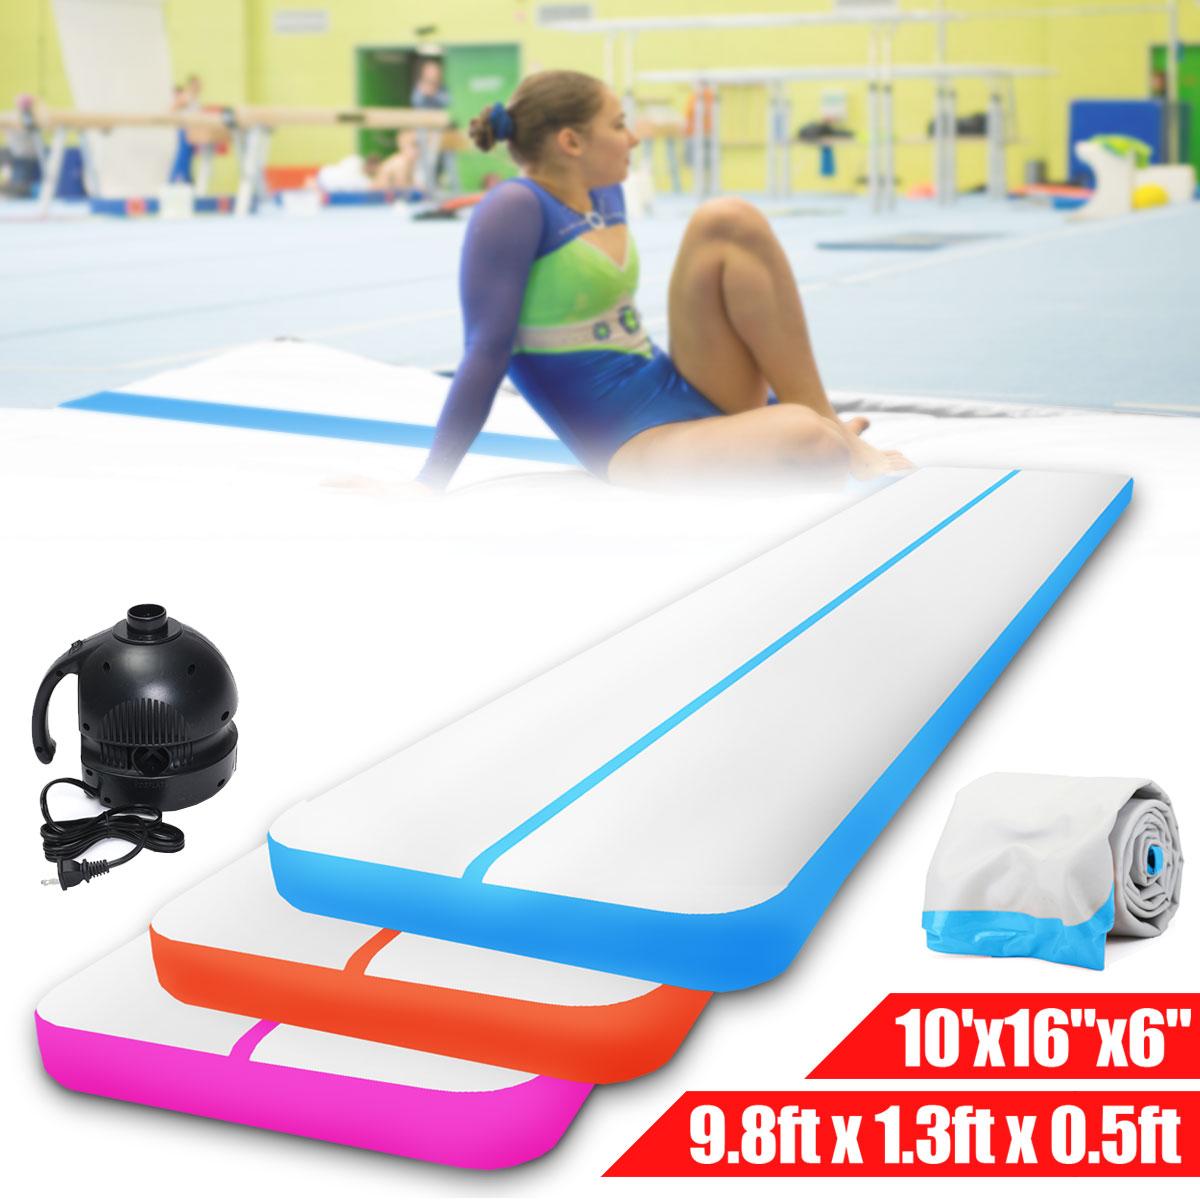 Tapis gonflable d'exercice de gymnastique de voie de culbuteur d'air d'équilibre gonflable tapis d'exercice de gymnastique de tapis de voie d'air avec la machine gonflable